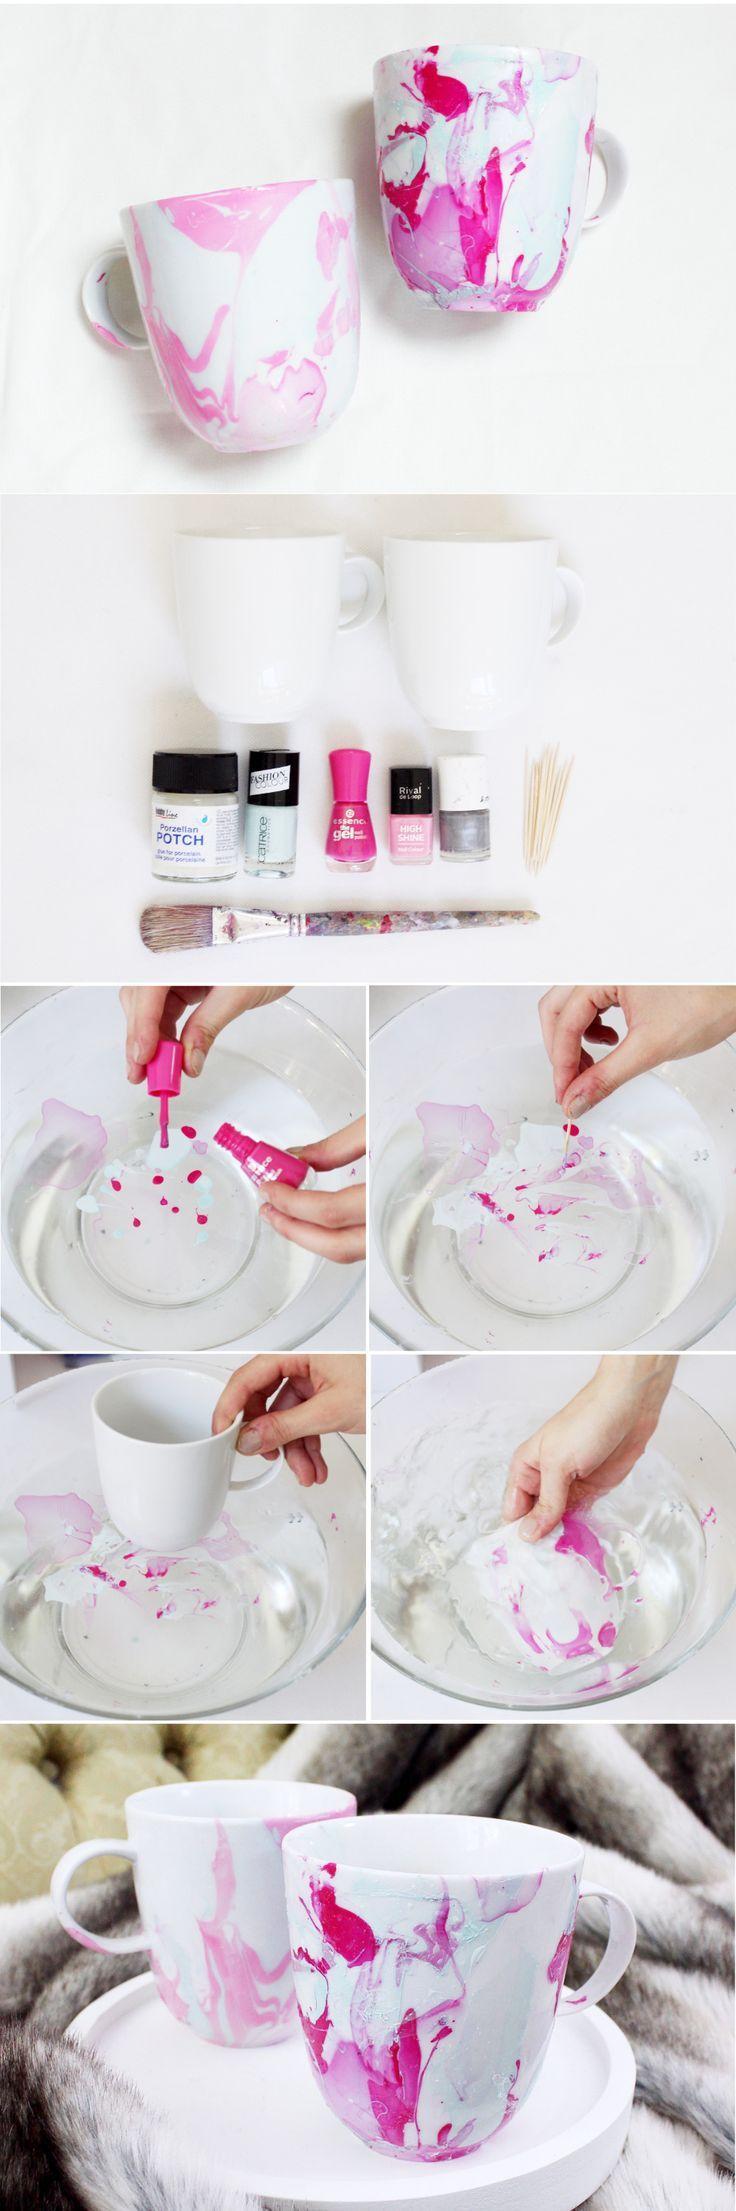 Tassen marmorieren mit Nagellack – DIY Anleitung